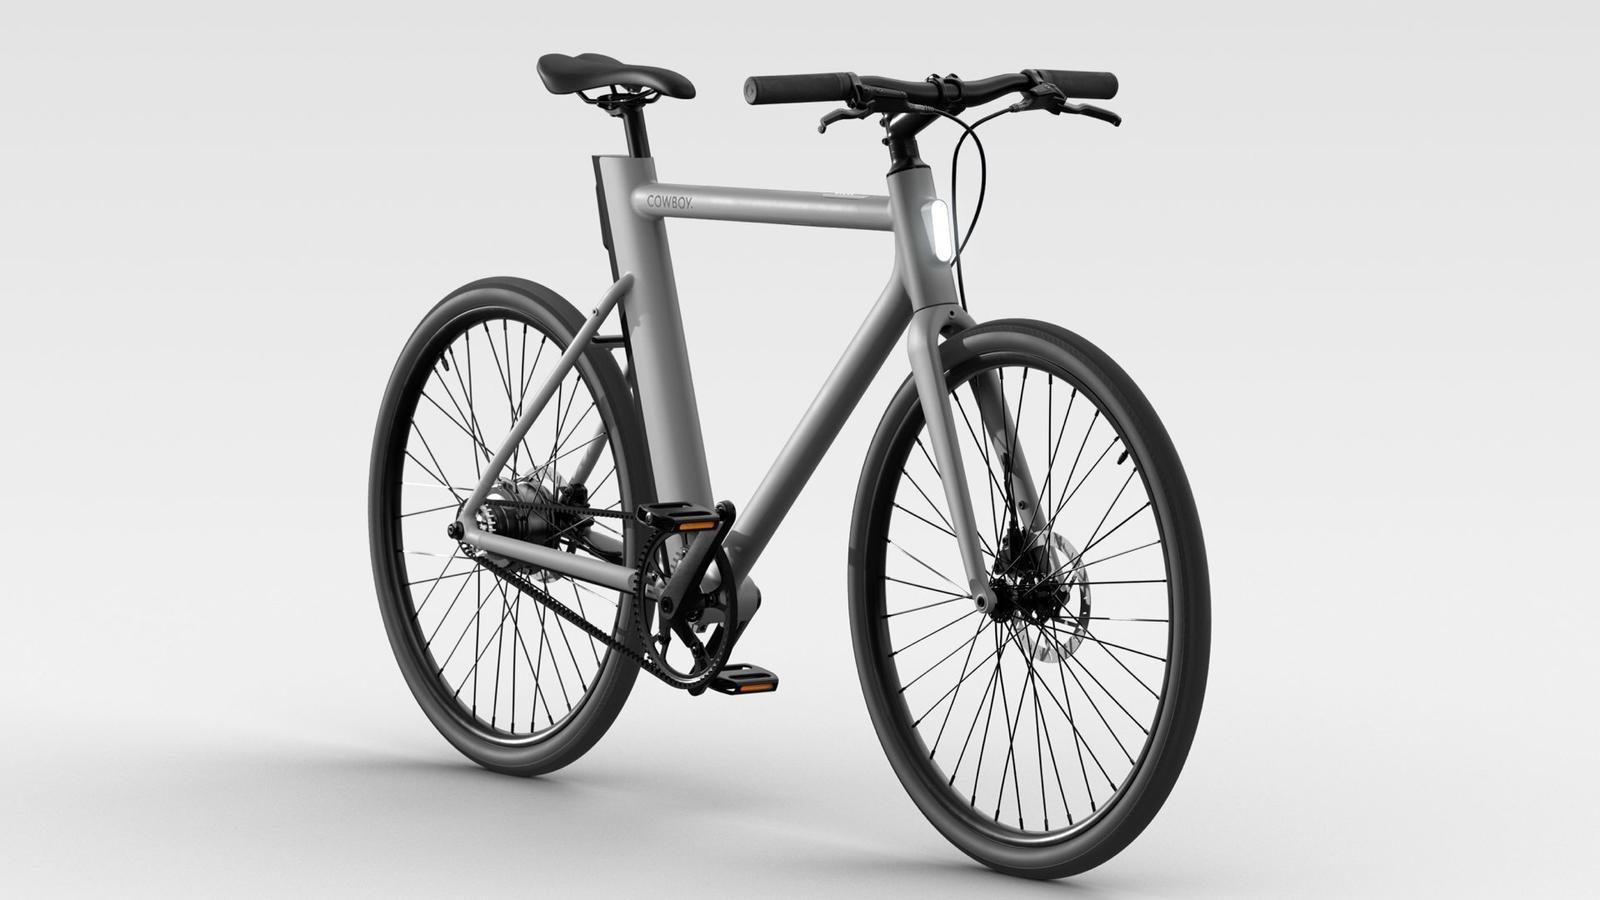 Cowboy 3, una bici elèctrica d'estil retro amb 70 quilòmetres d'autonomia